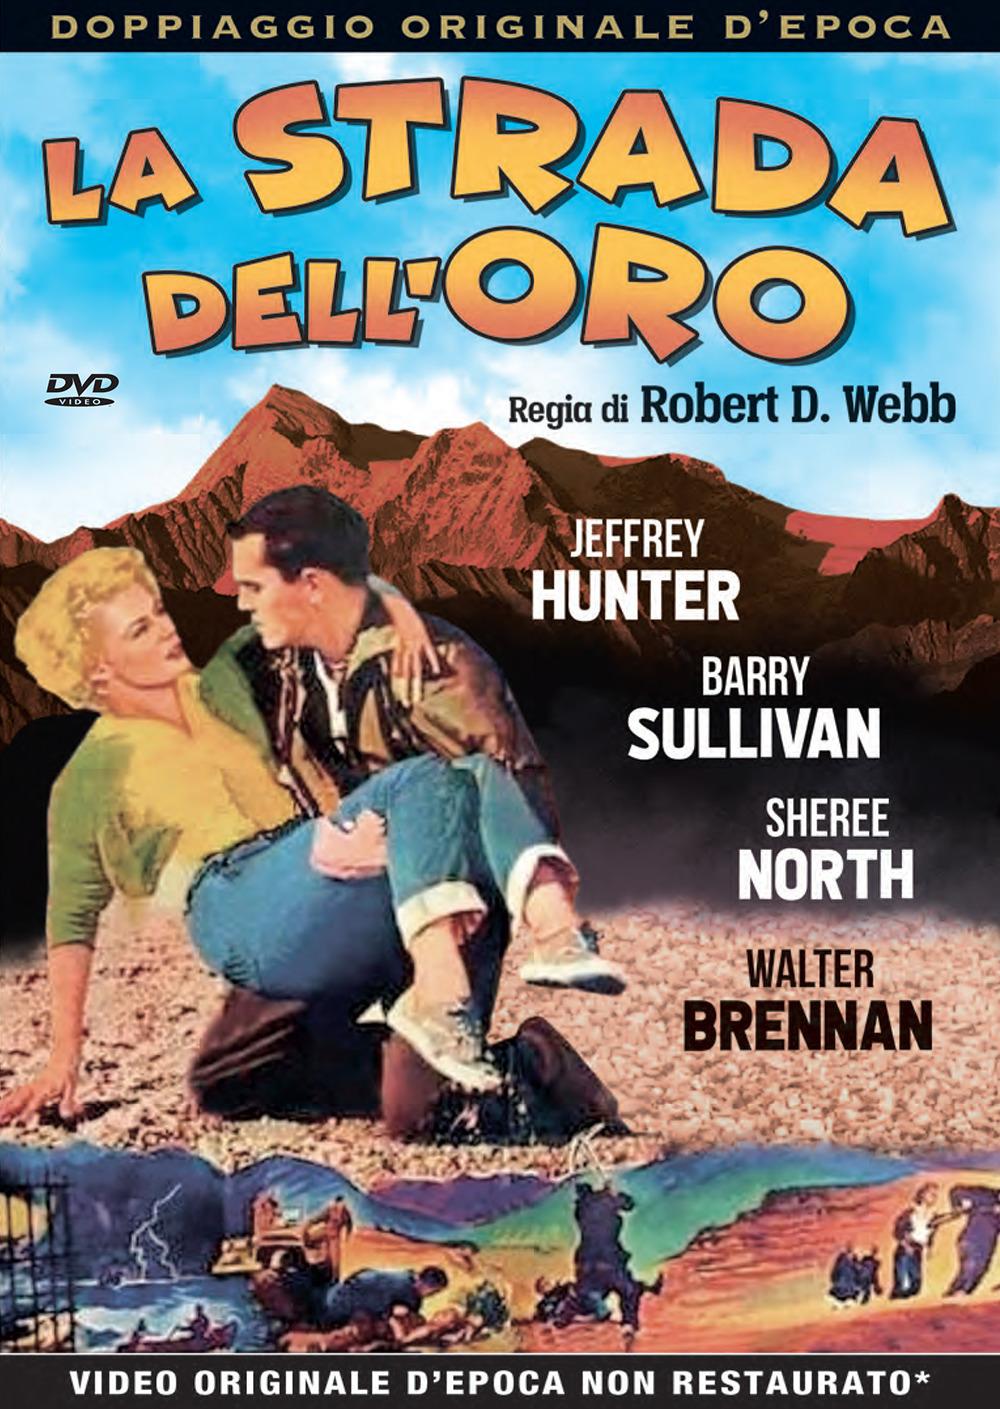 LA STRADA DELL'ORO (DVD)